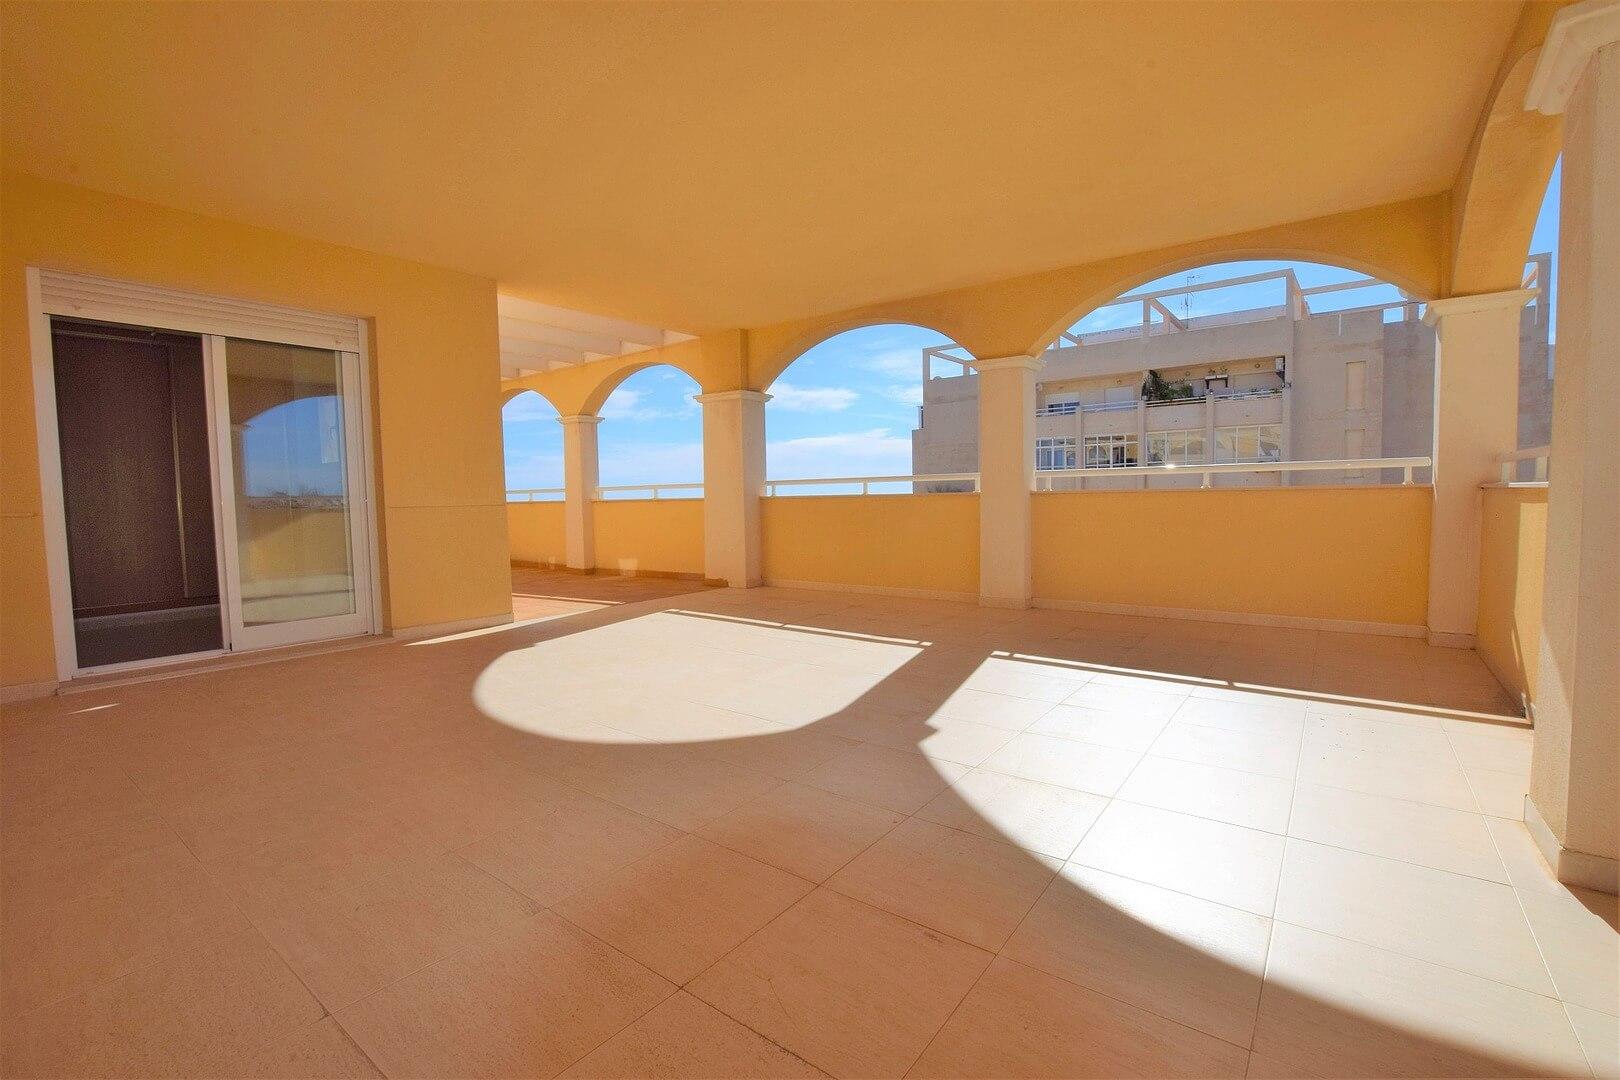 Nový slunný byt 3+1 v krásném zeleném komplexu s bazénem